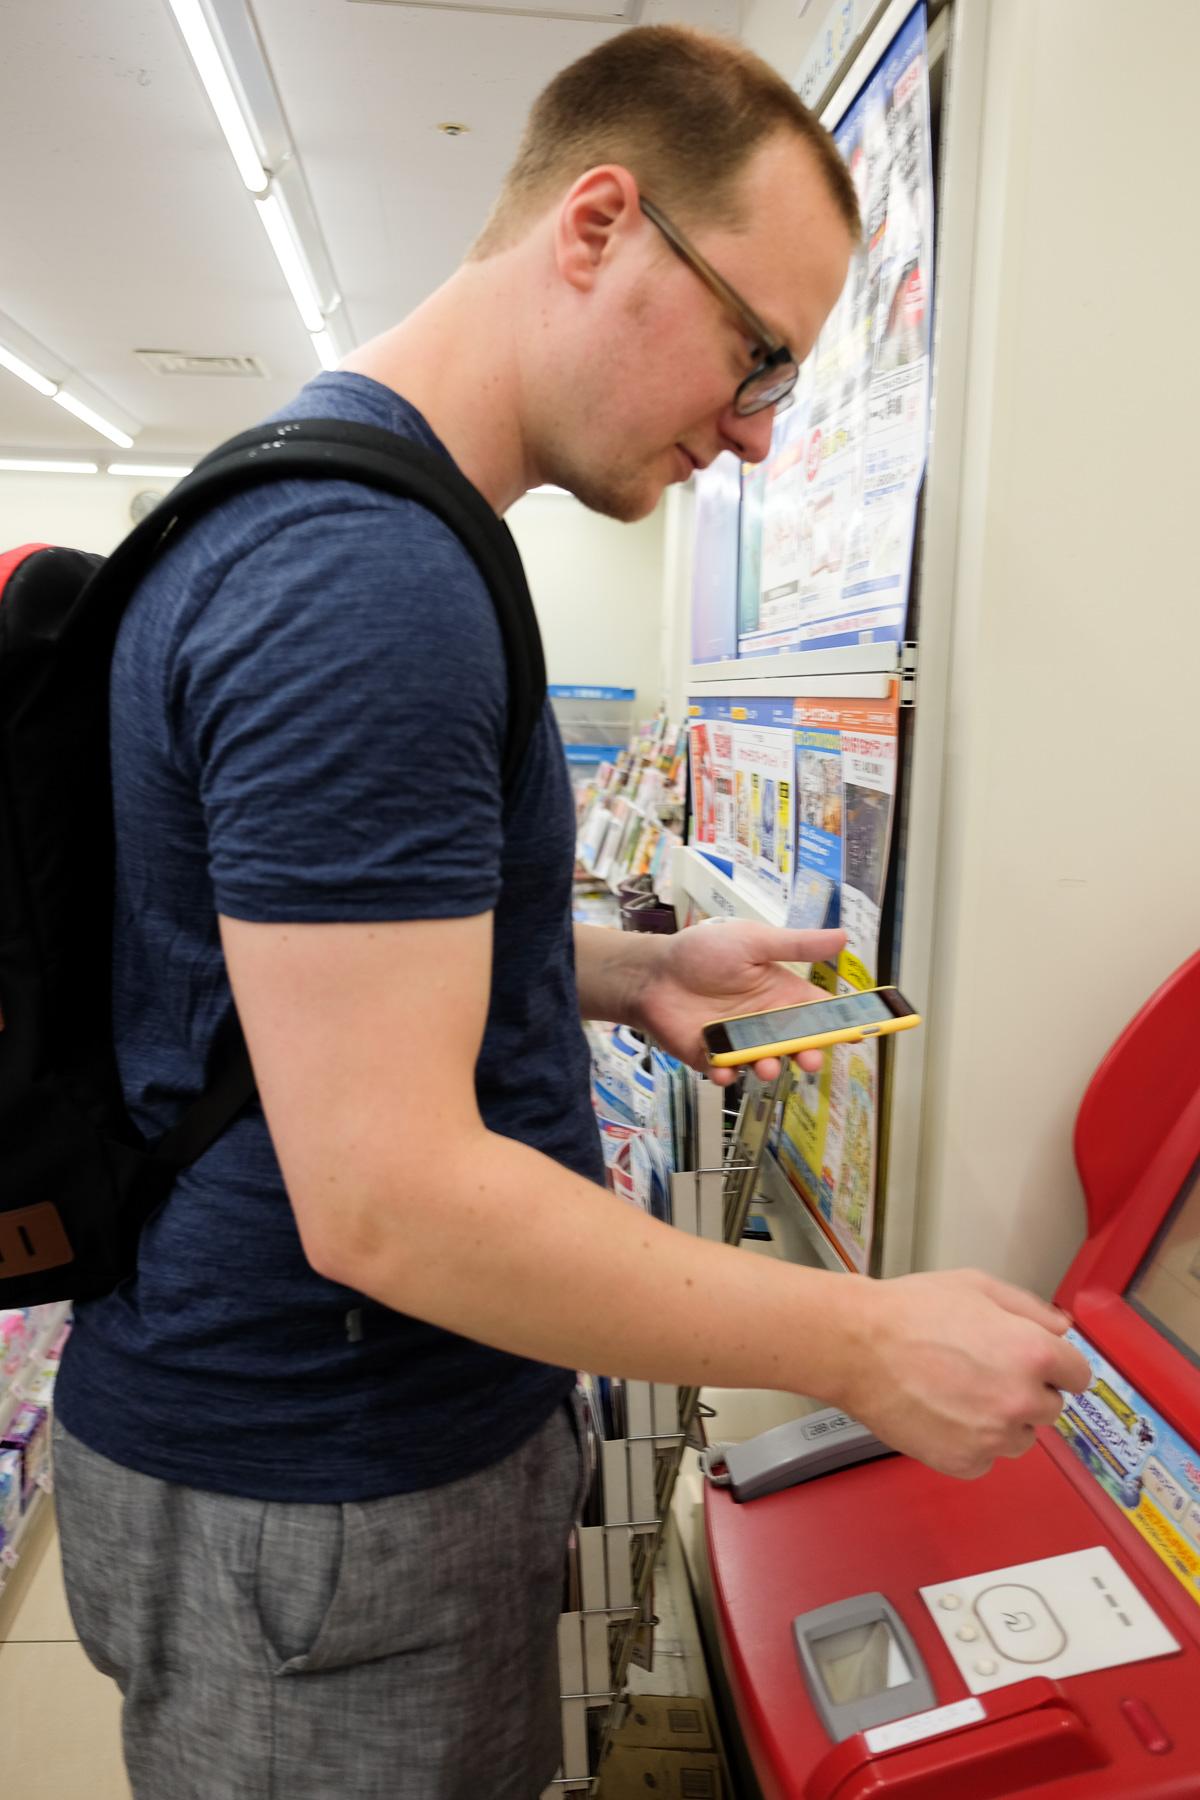 Schritt 1: Angaben in den japanischen Automaten eintragen.